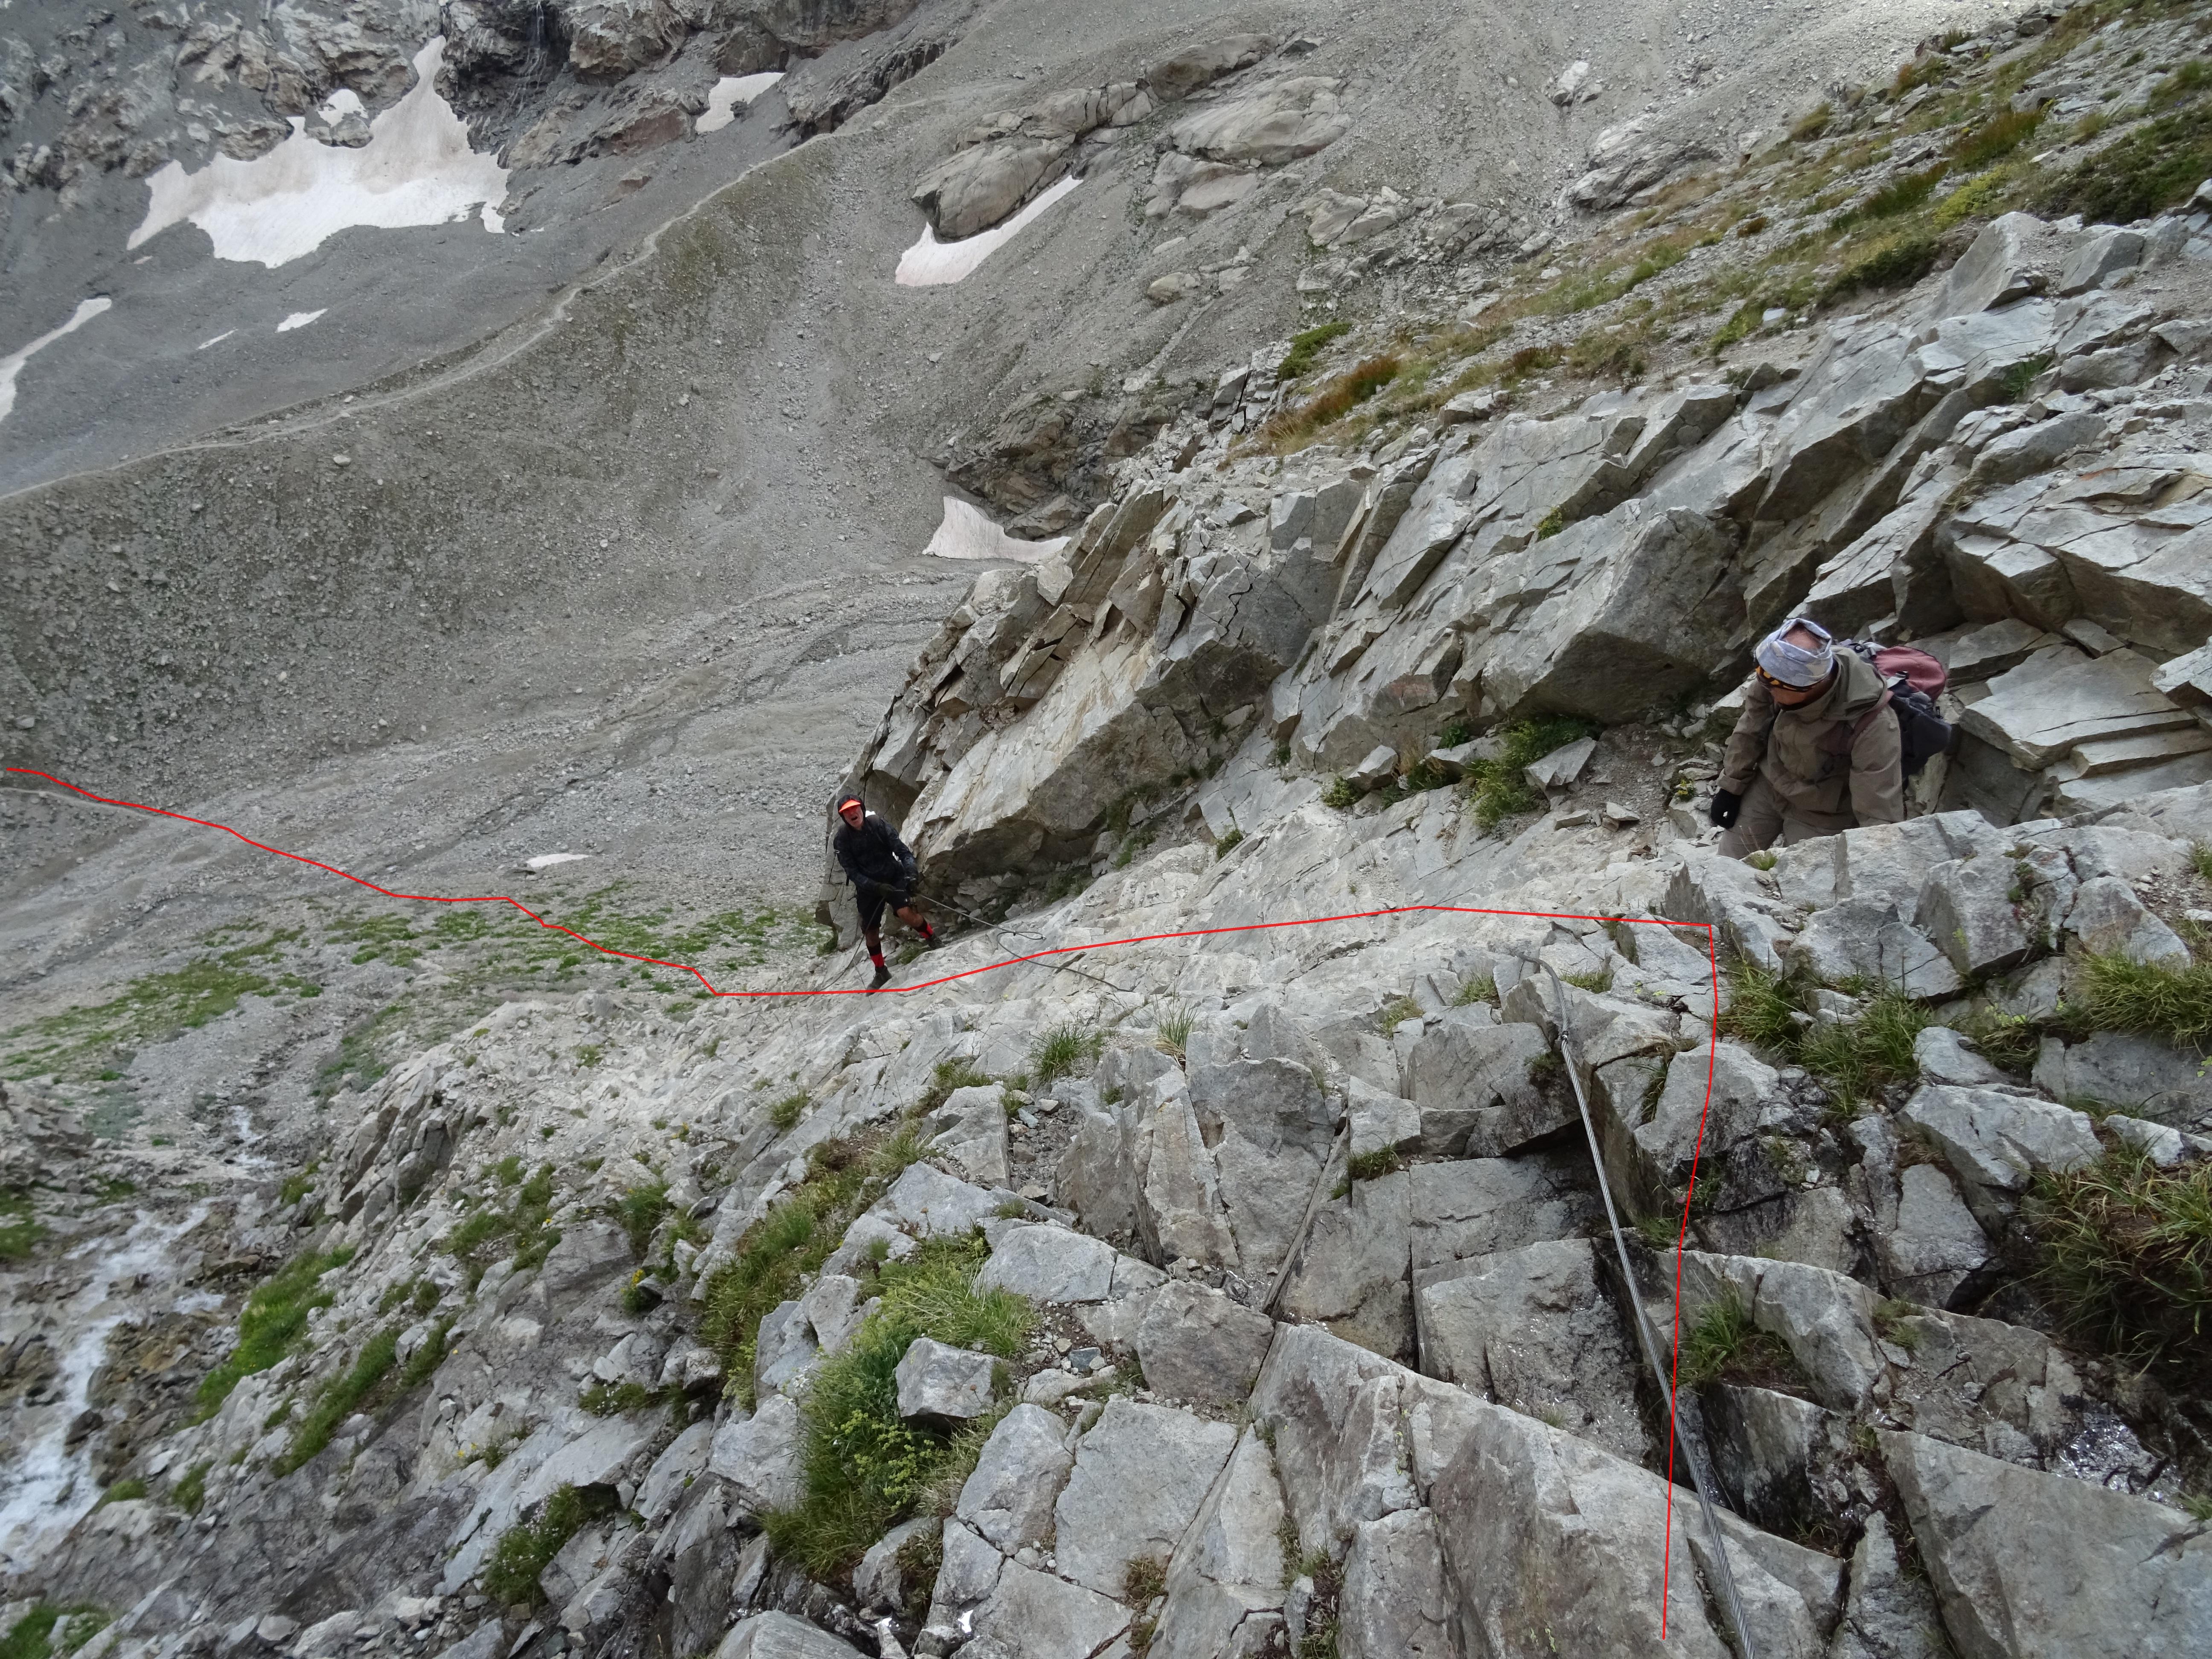 In rosso la traccia di discesa sul sentiero attrezzato con cavi che scende verso la morena.